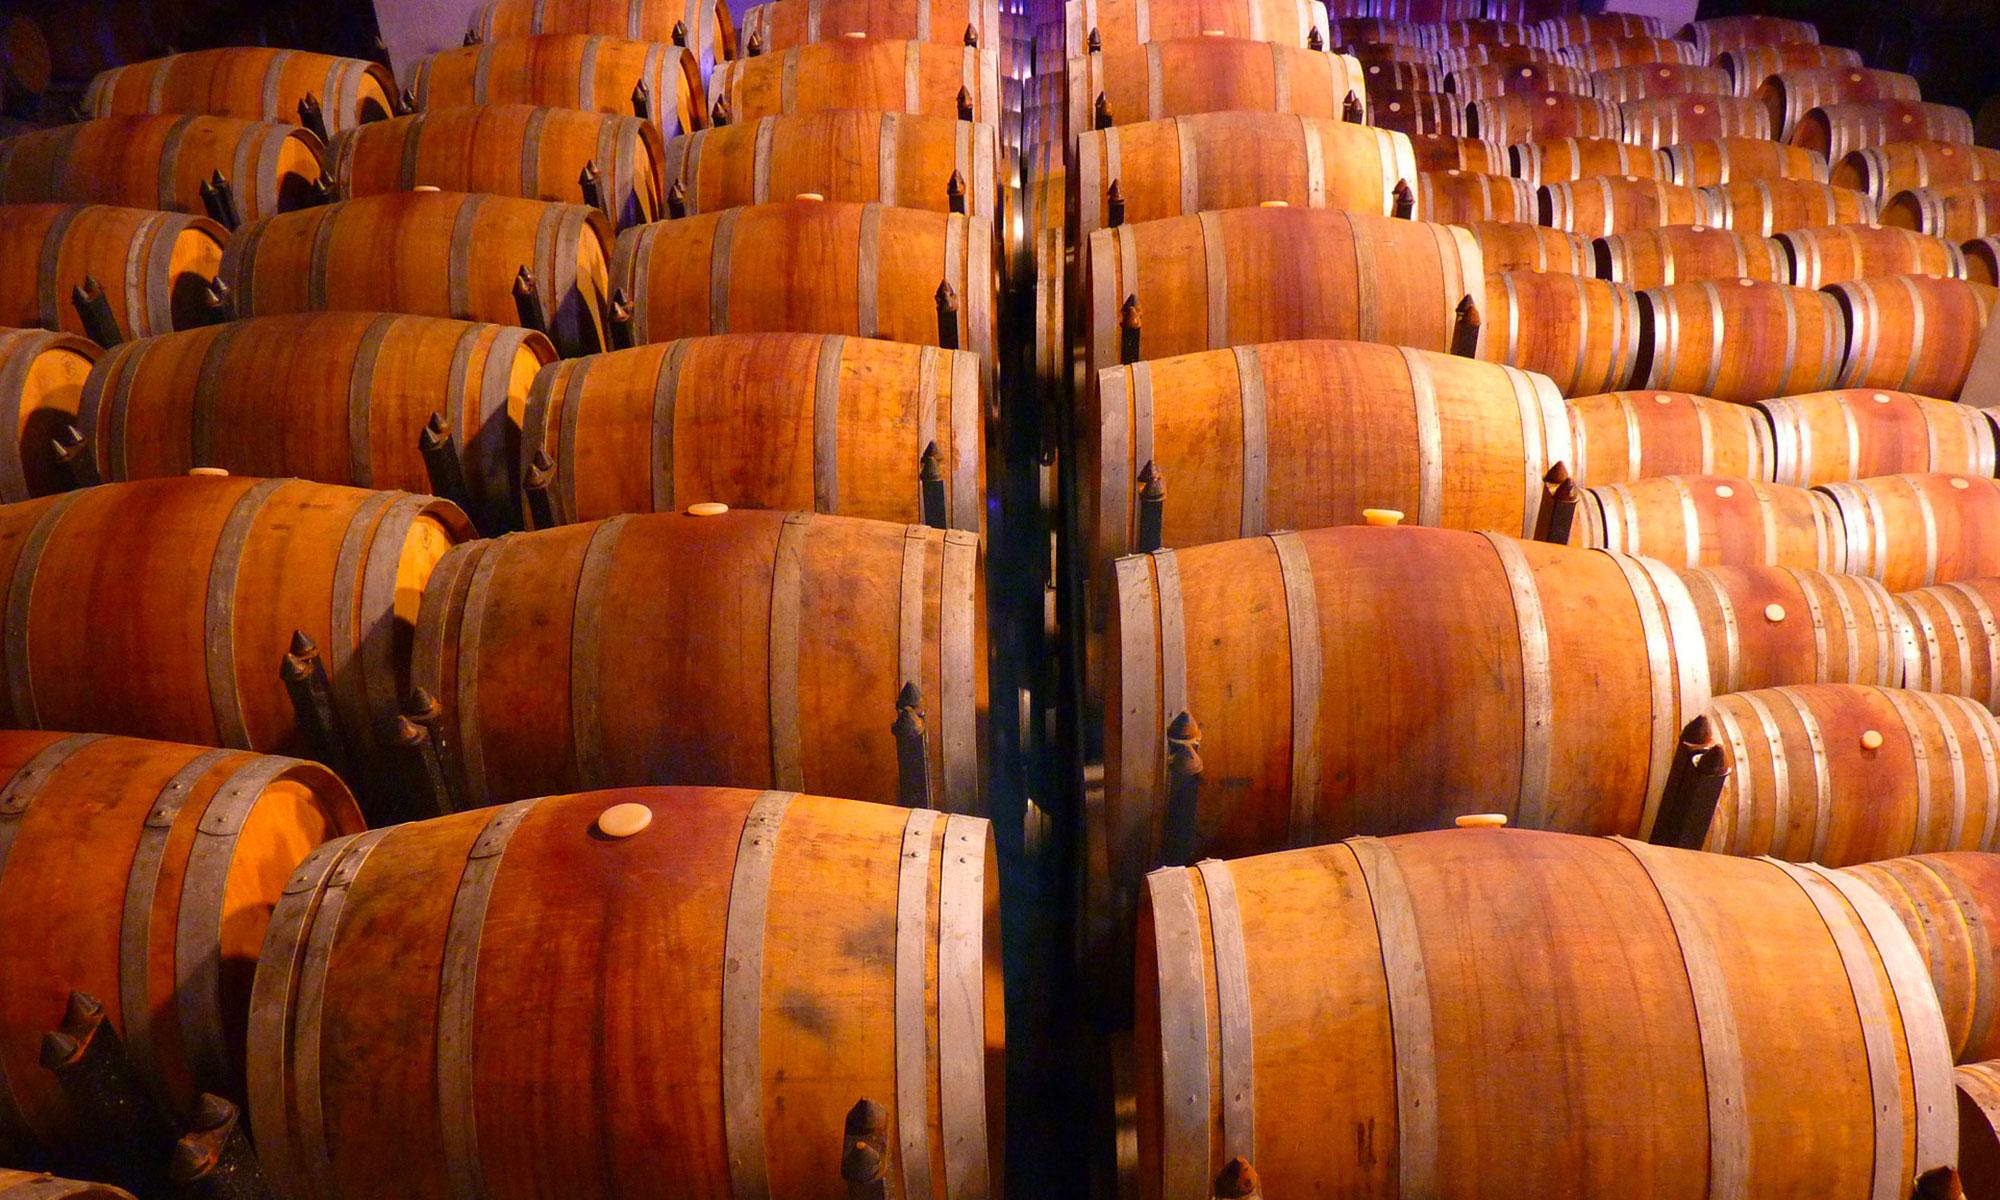 vini della Romangia in botti